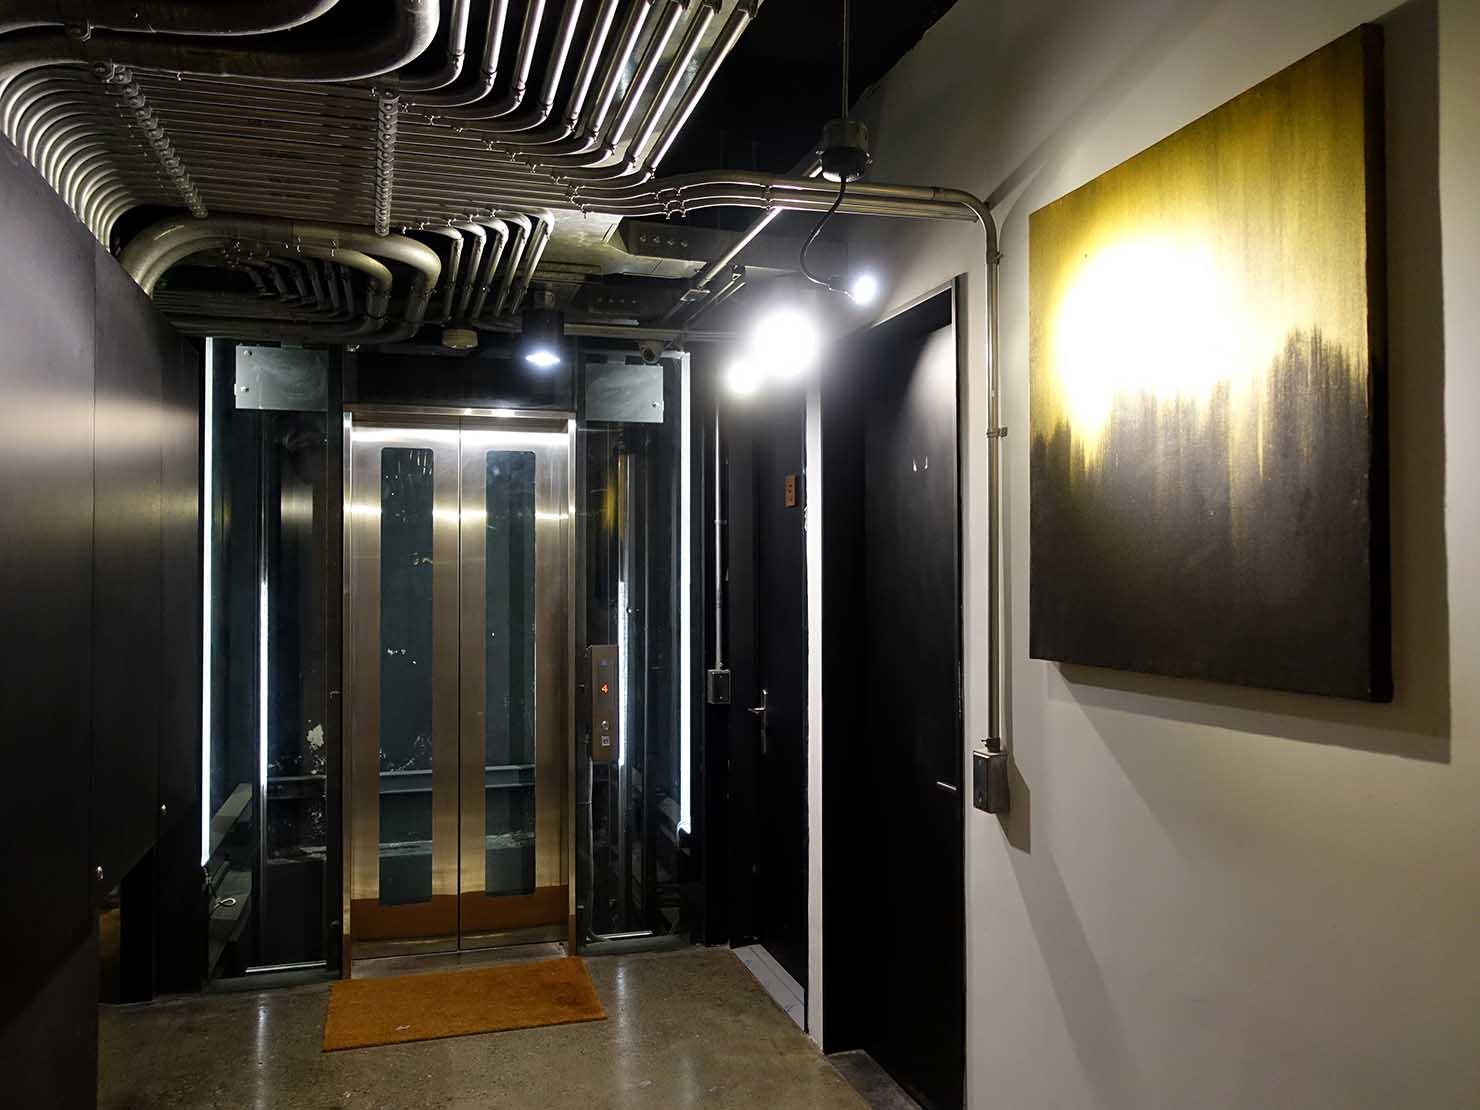 台中駅徒歩10分のリーズナブルなおすすめミニホテル「光原宿 Light House」のエレベーターホール